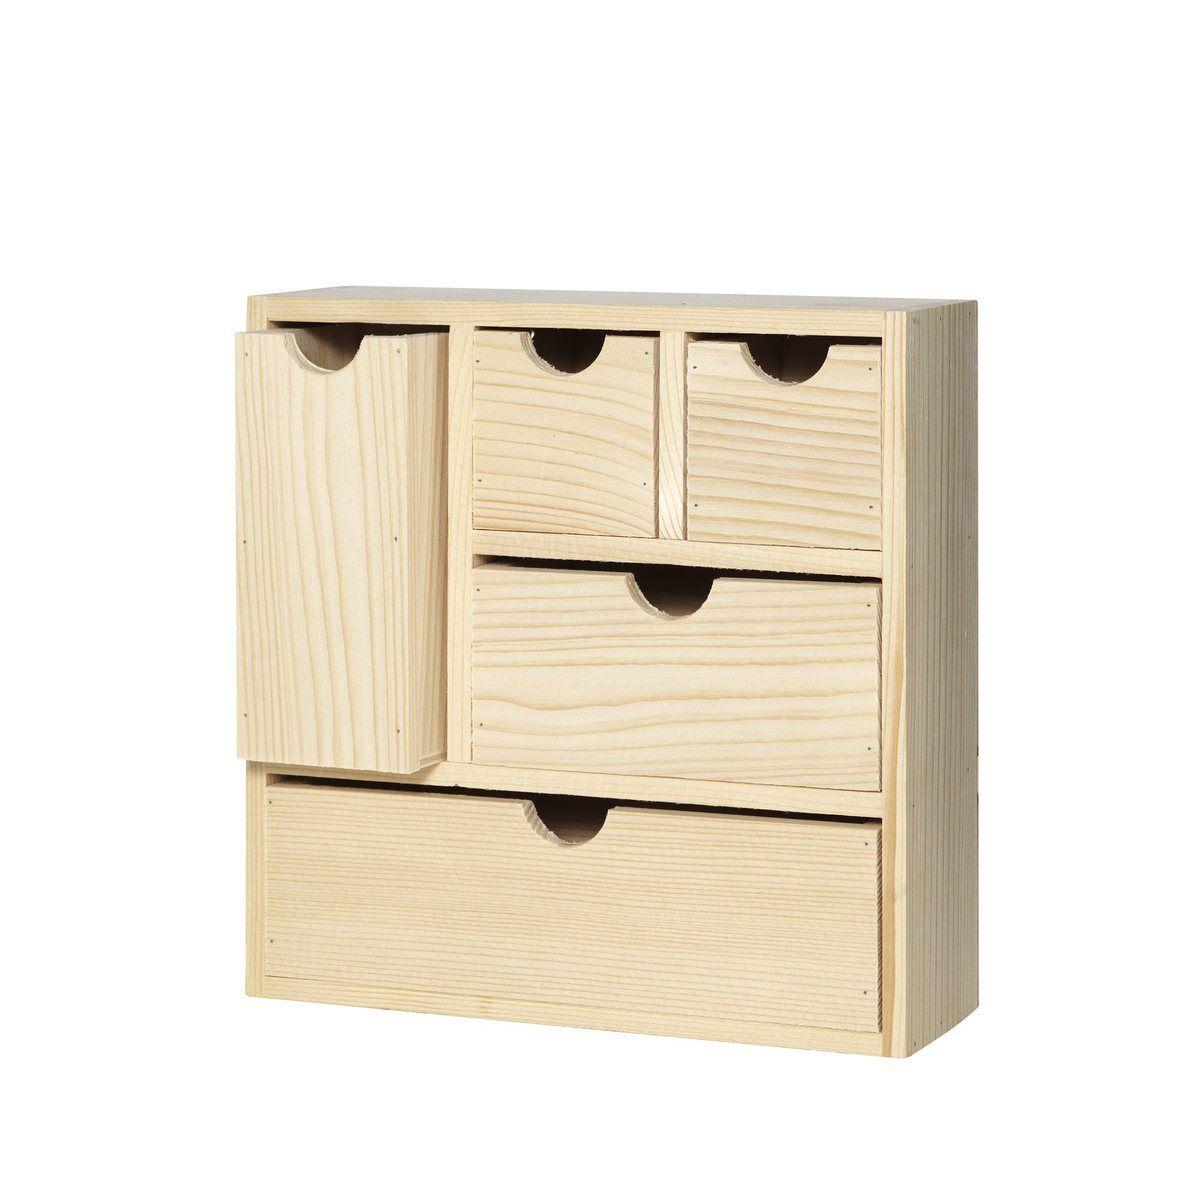 Panduro hobby - storage box